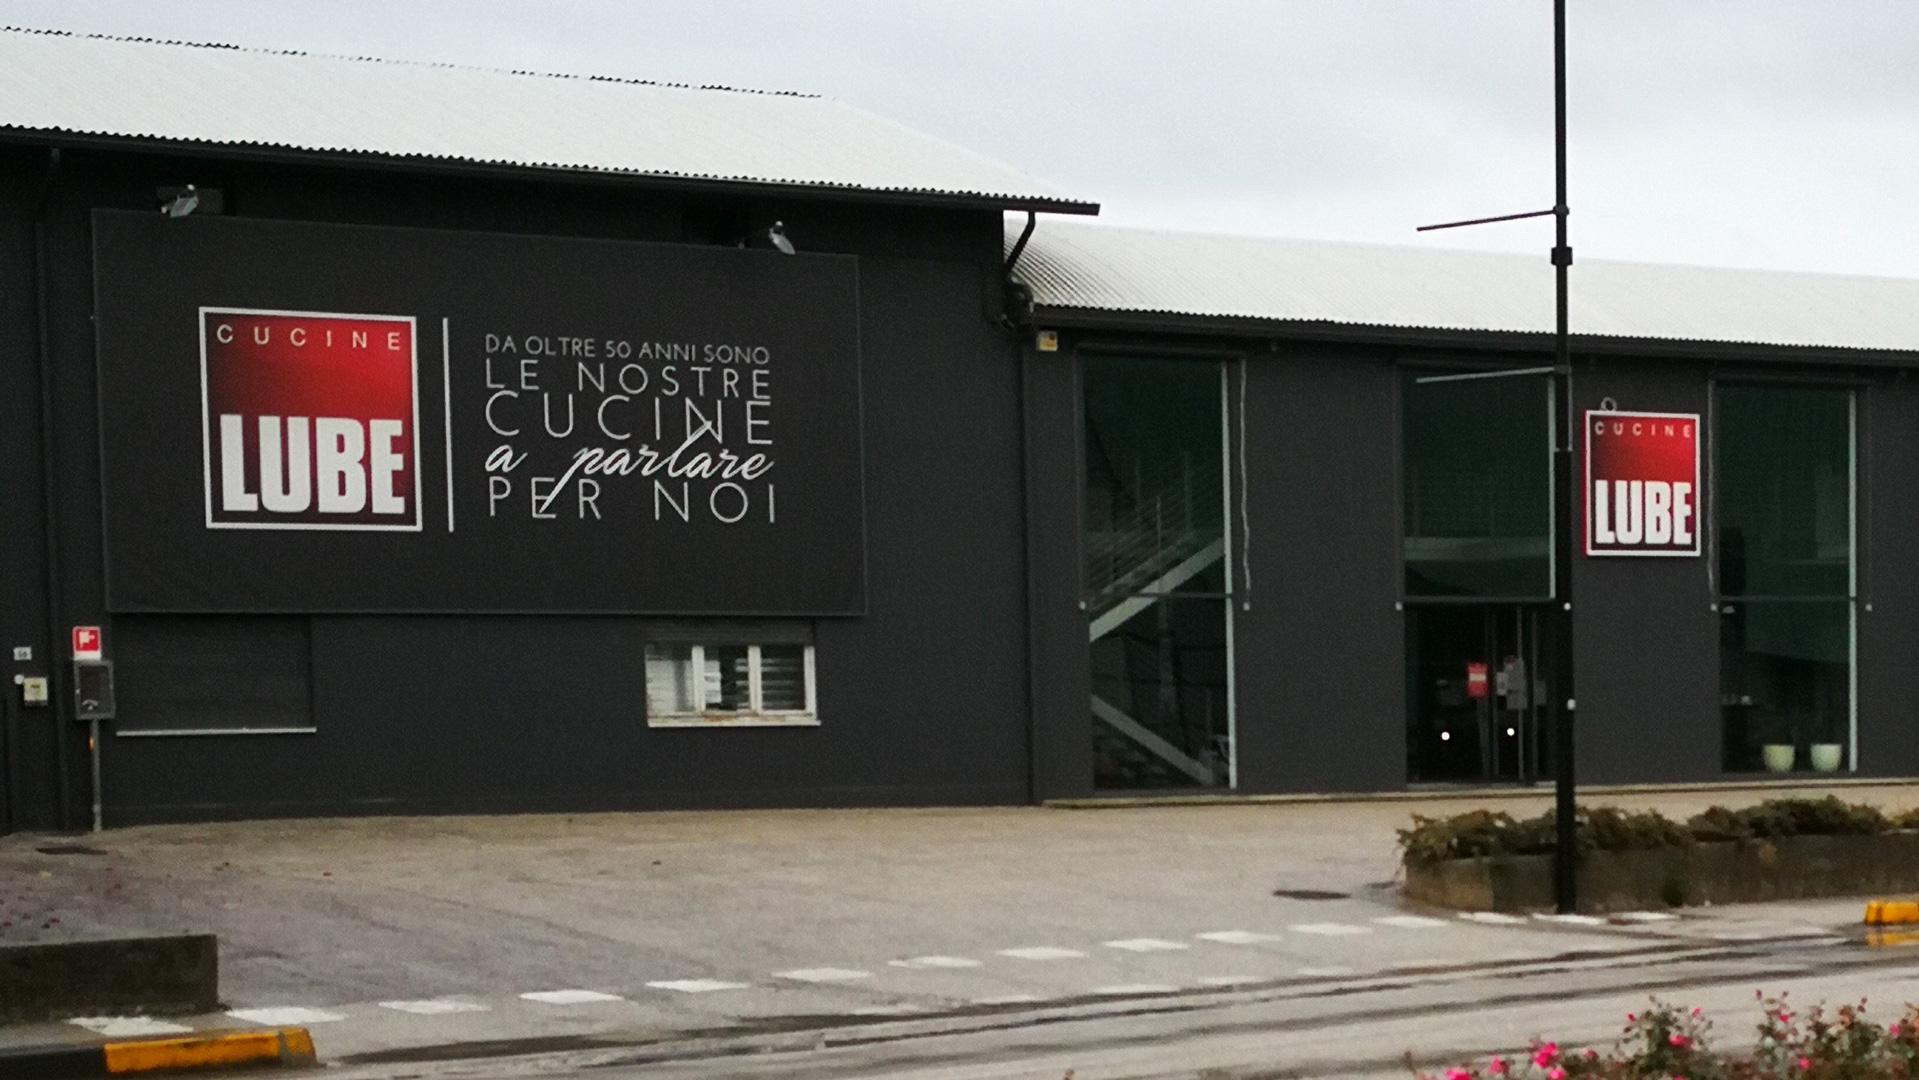 Bassano Del Grappa Provincia Di Vicenza Il Gruppo Lube Inaugura Un Nuovo Store Cucine Lube Cucine Lube